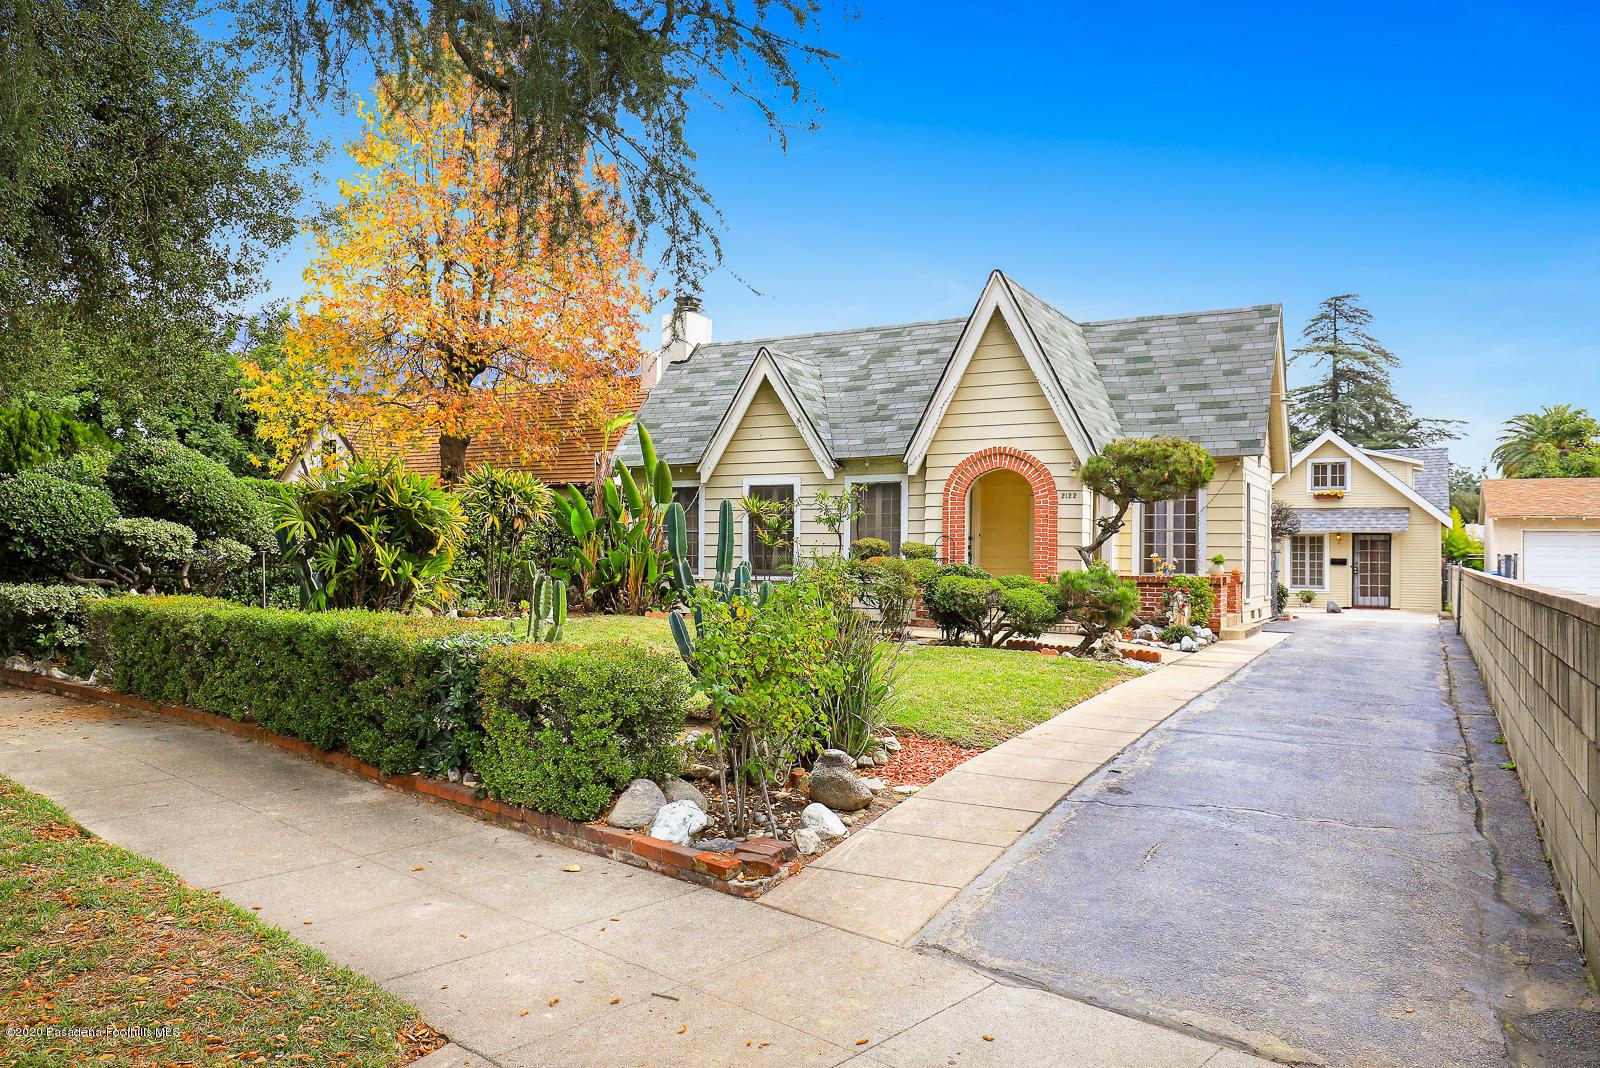 2120 Navarro Avenue, Altadena in Los Angeles County, CA 91001 Home for Sale